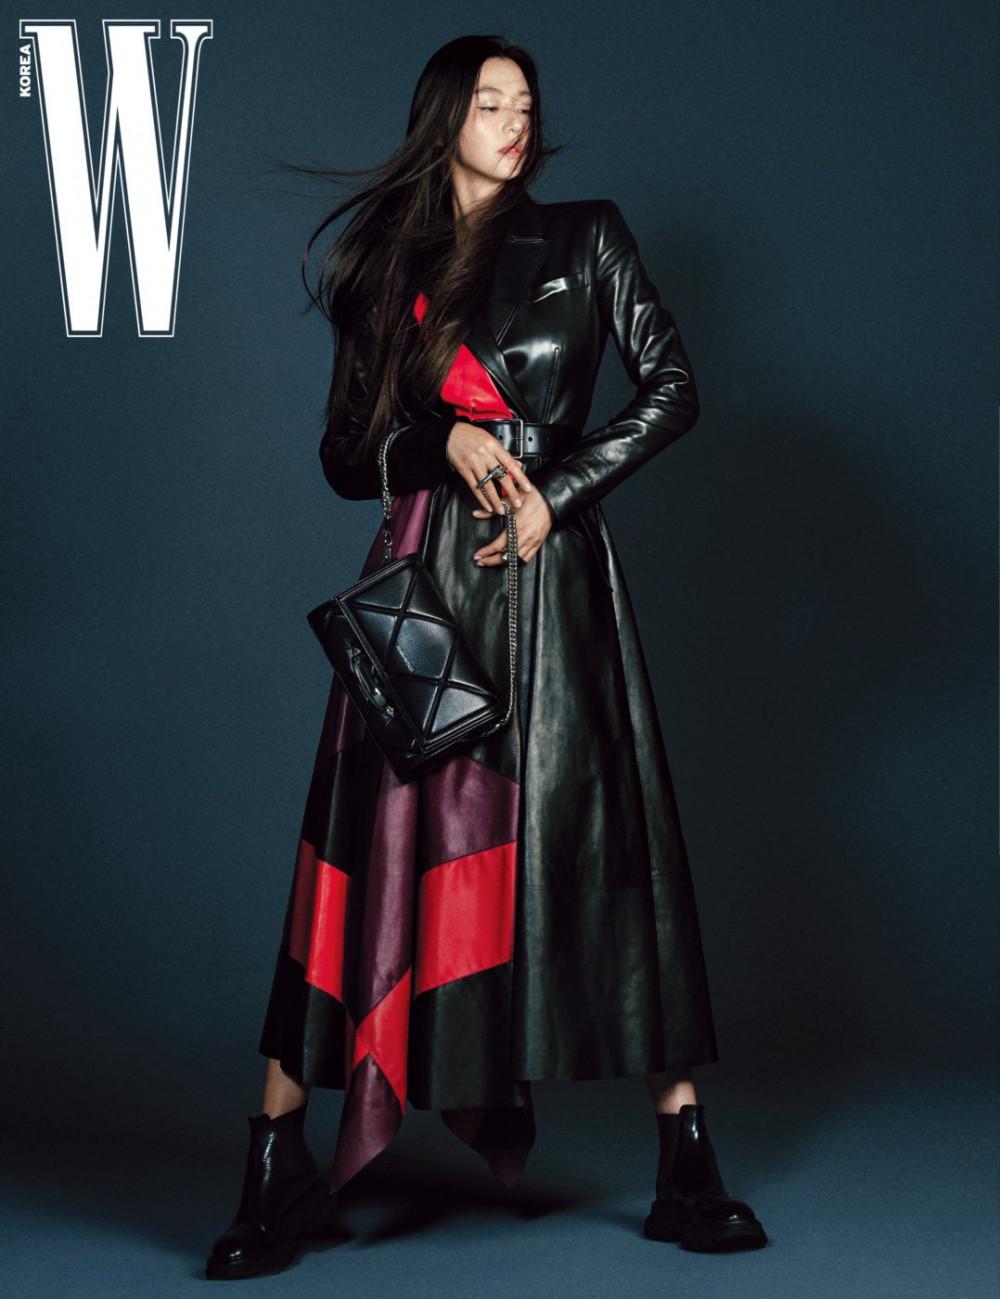 Jun Ji Hyun là gương mặt trang bìa yêu thích của các tạp chí danh tiếng xứ Hàn.